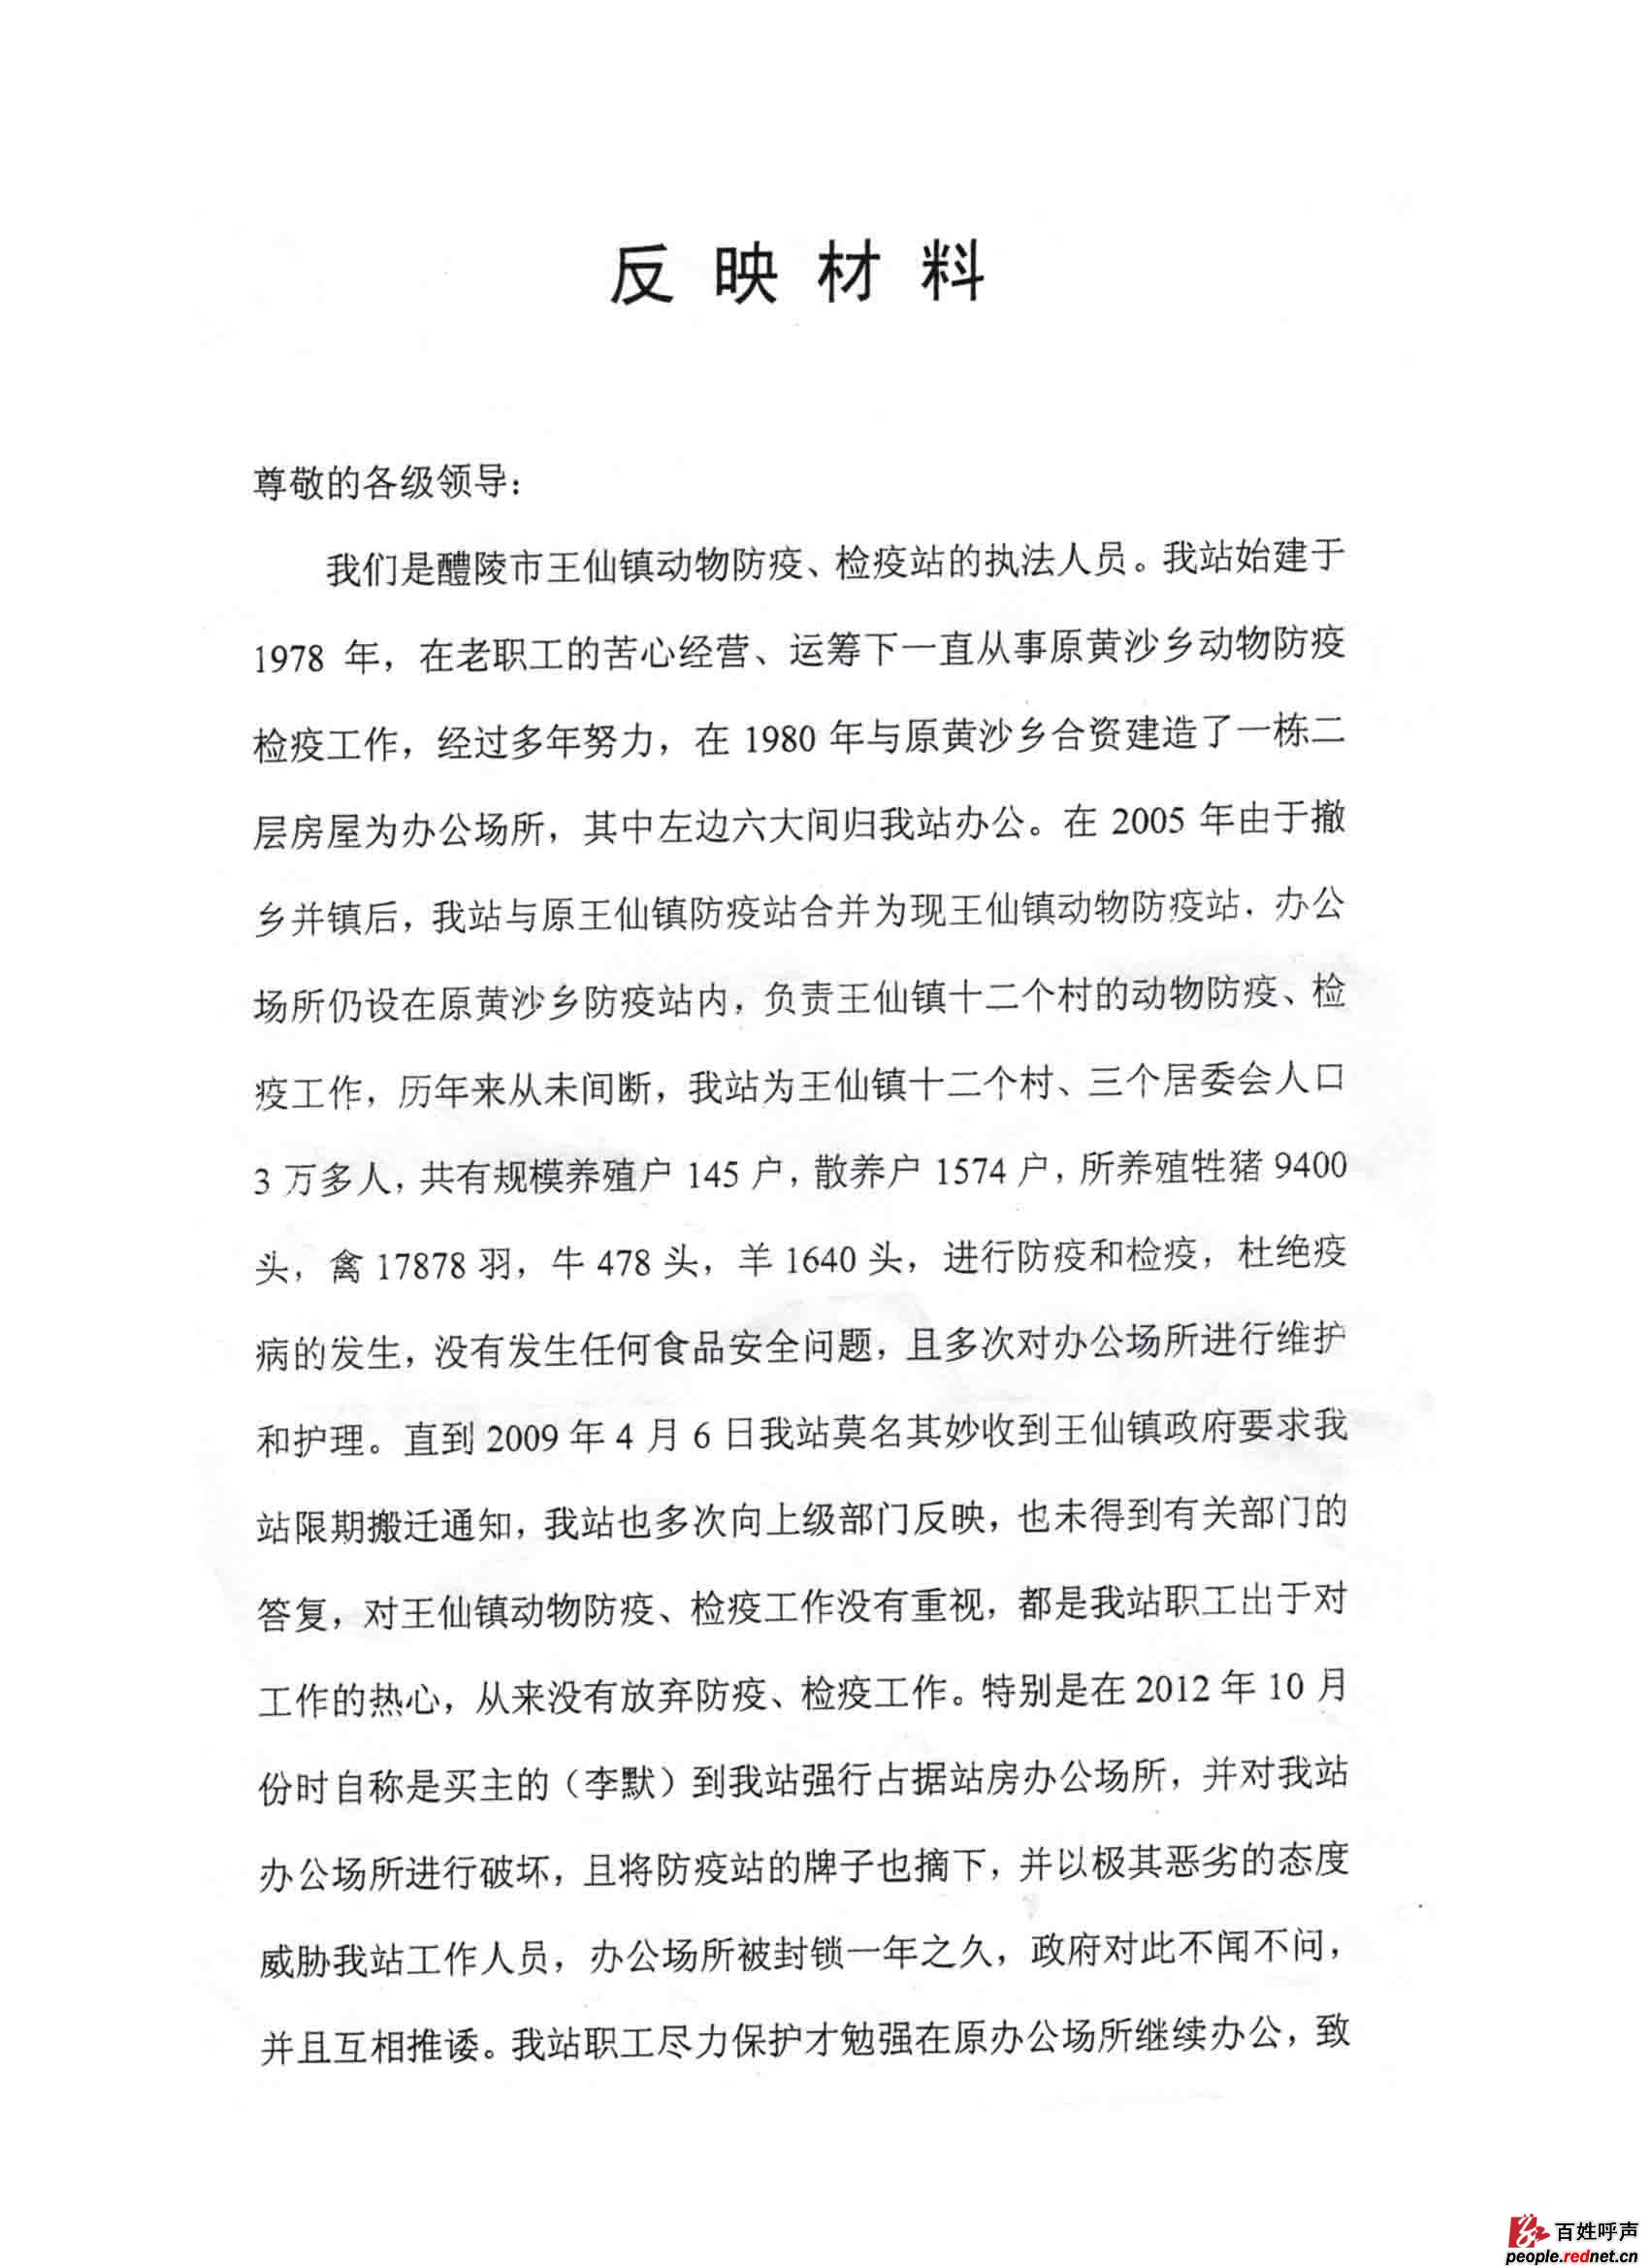 醴陵市王仙动物防疫站被非法买卖